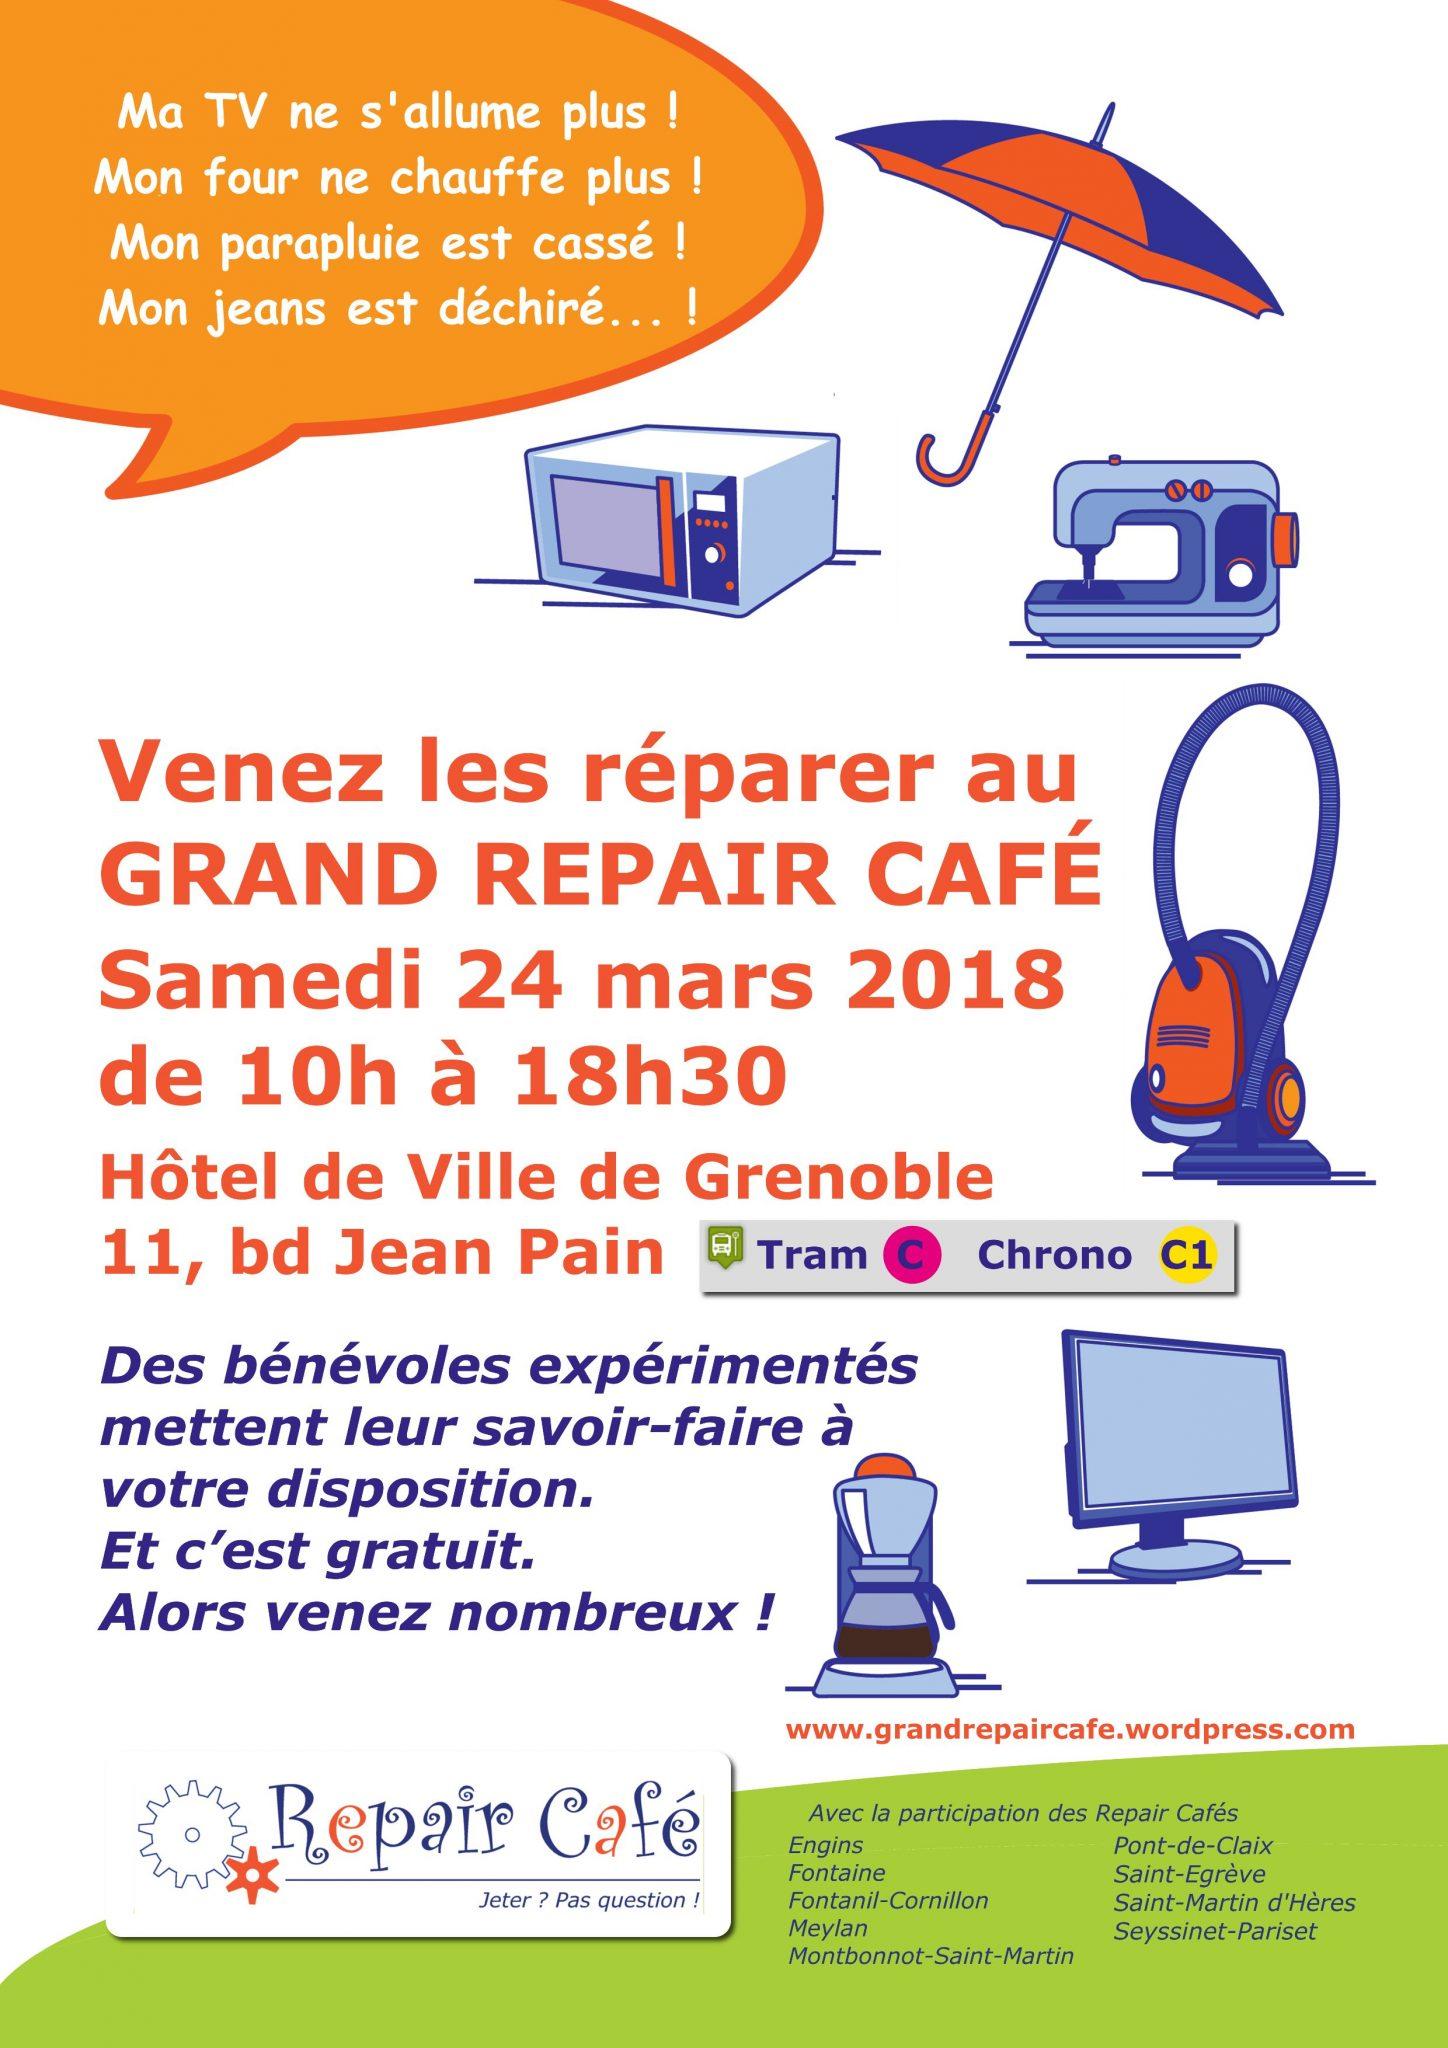 Grand Repair Café à l'Hôtel de Ville de Grenoble